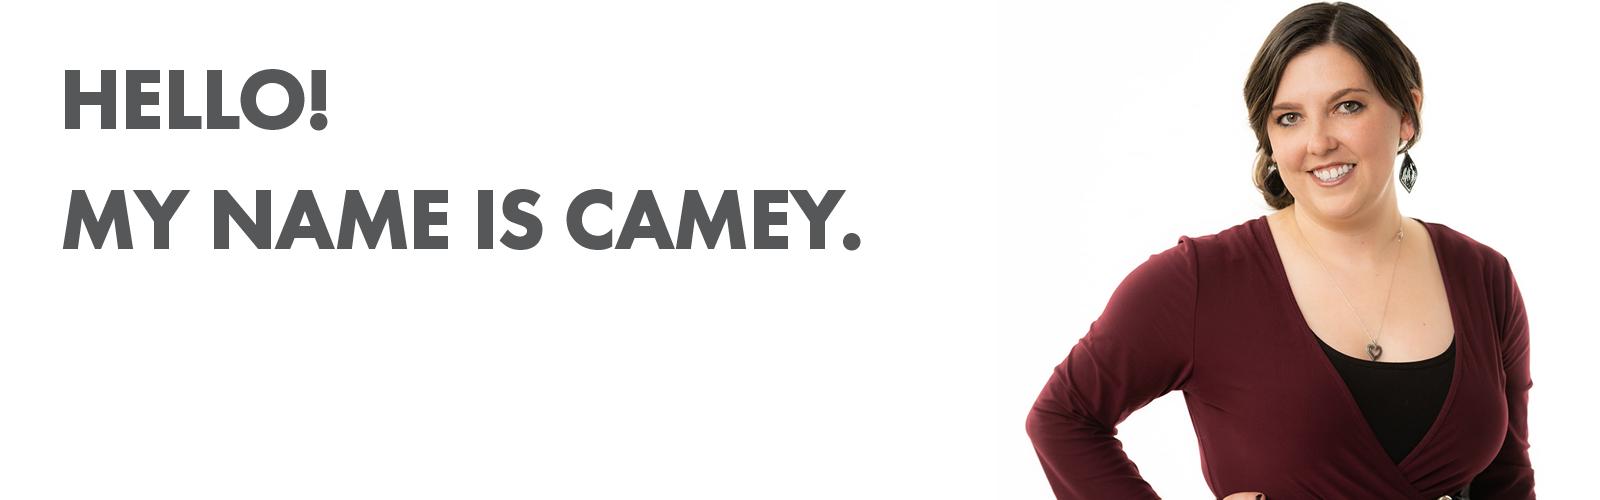 meet camey | designer at fbc remodel